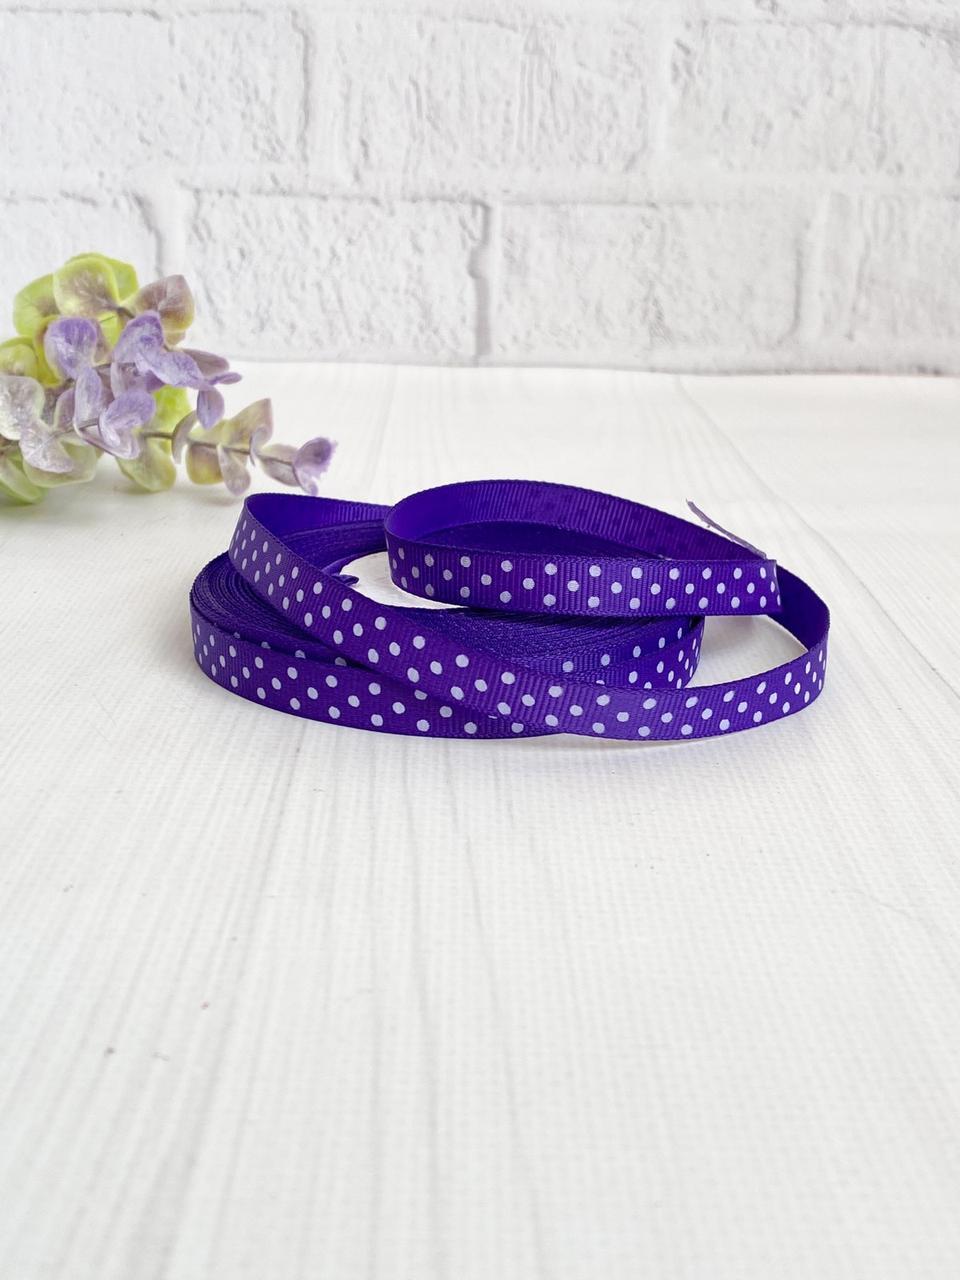 Лента репсовая в горох 0,9см фиолетовая